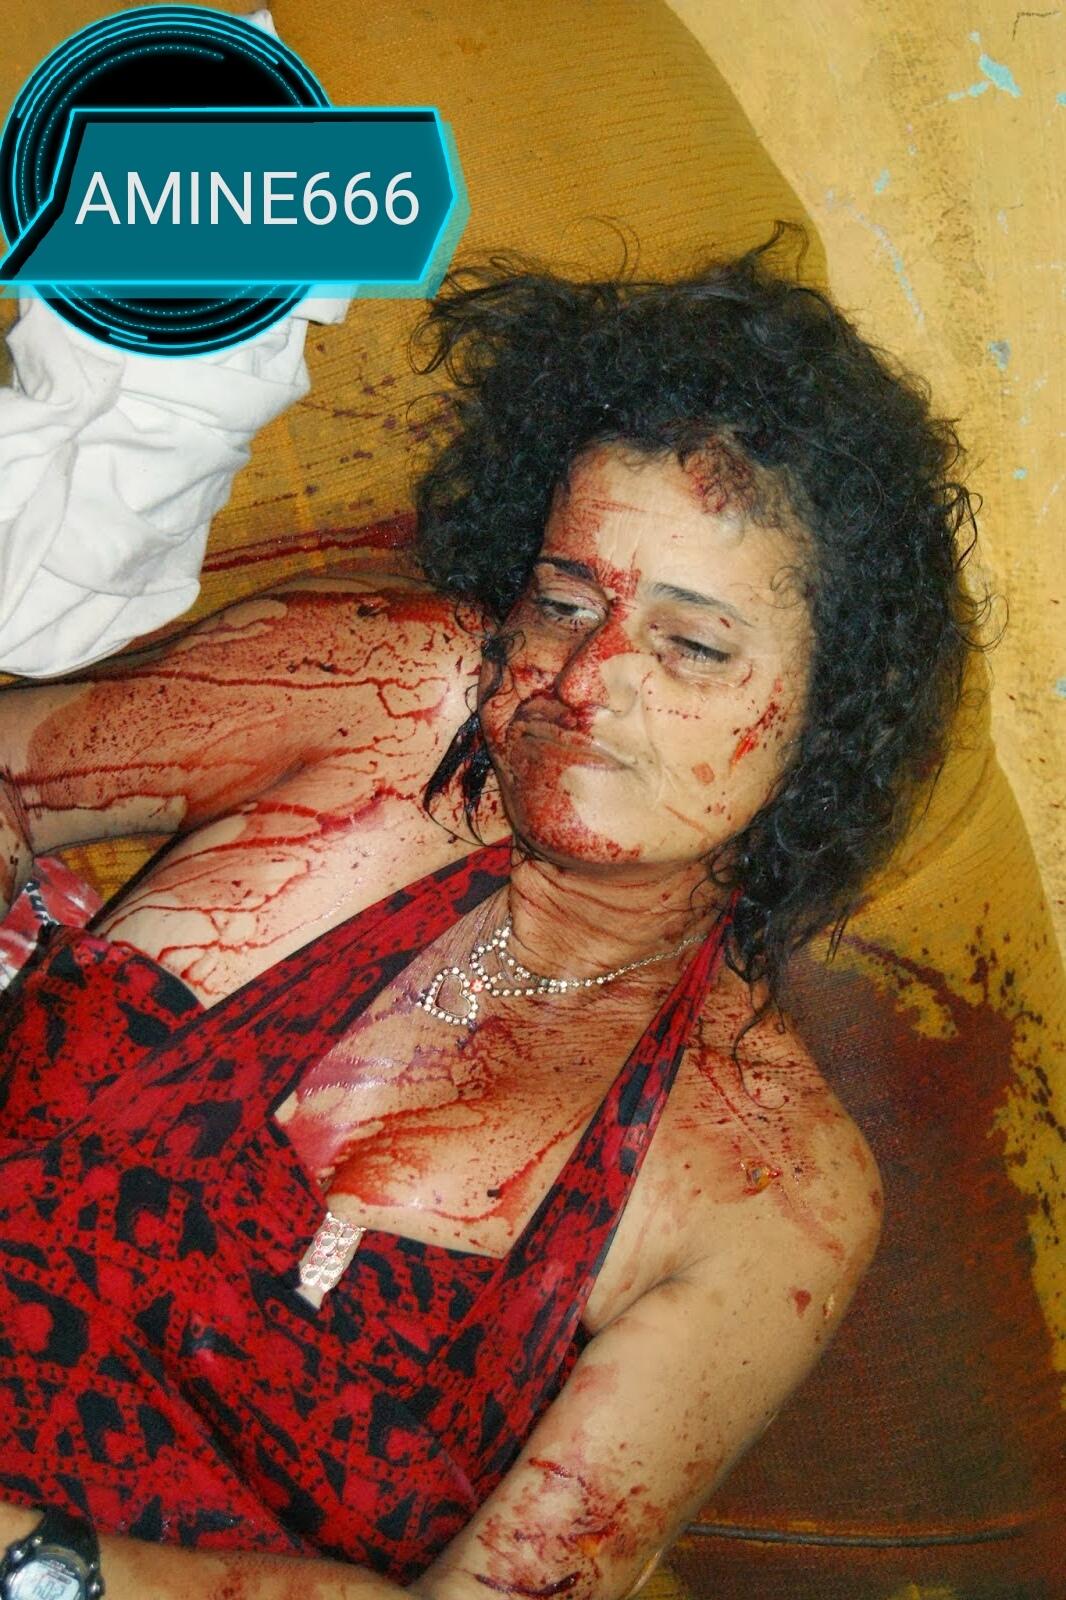 【閲覧注意】麻薬絡みのトラブルで殺された外国人女性、表情ヤバい・・・・・(画像)・1枚目